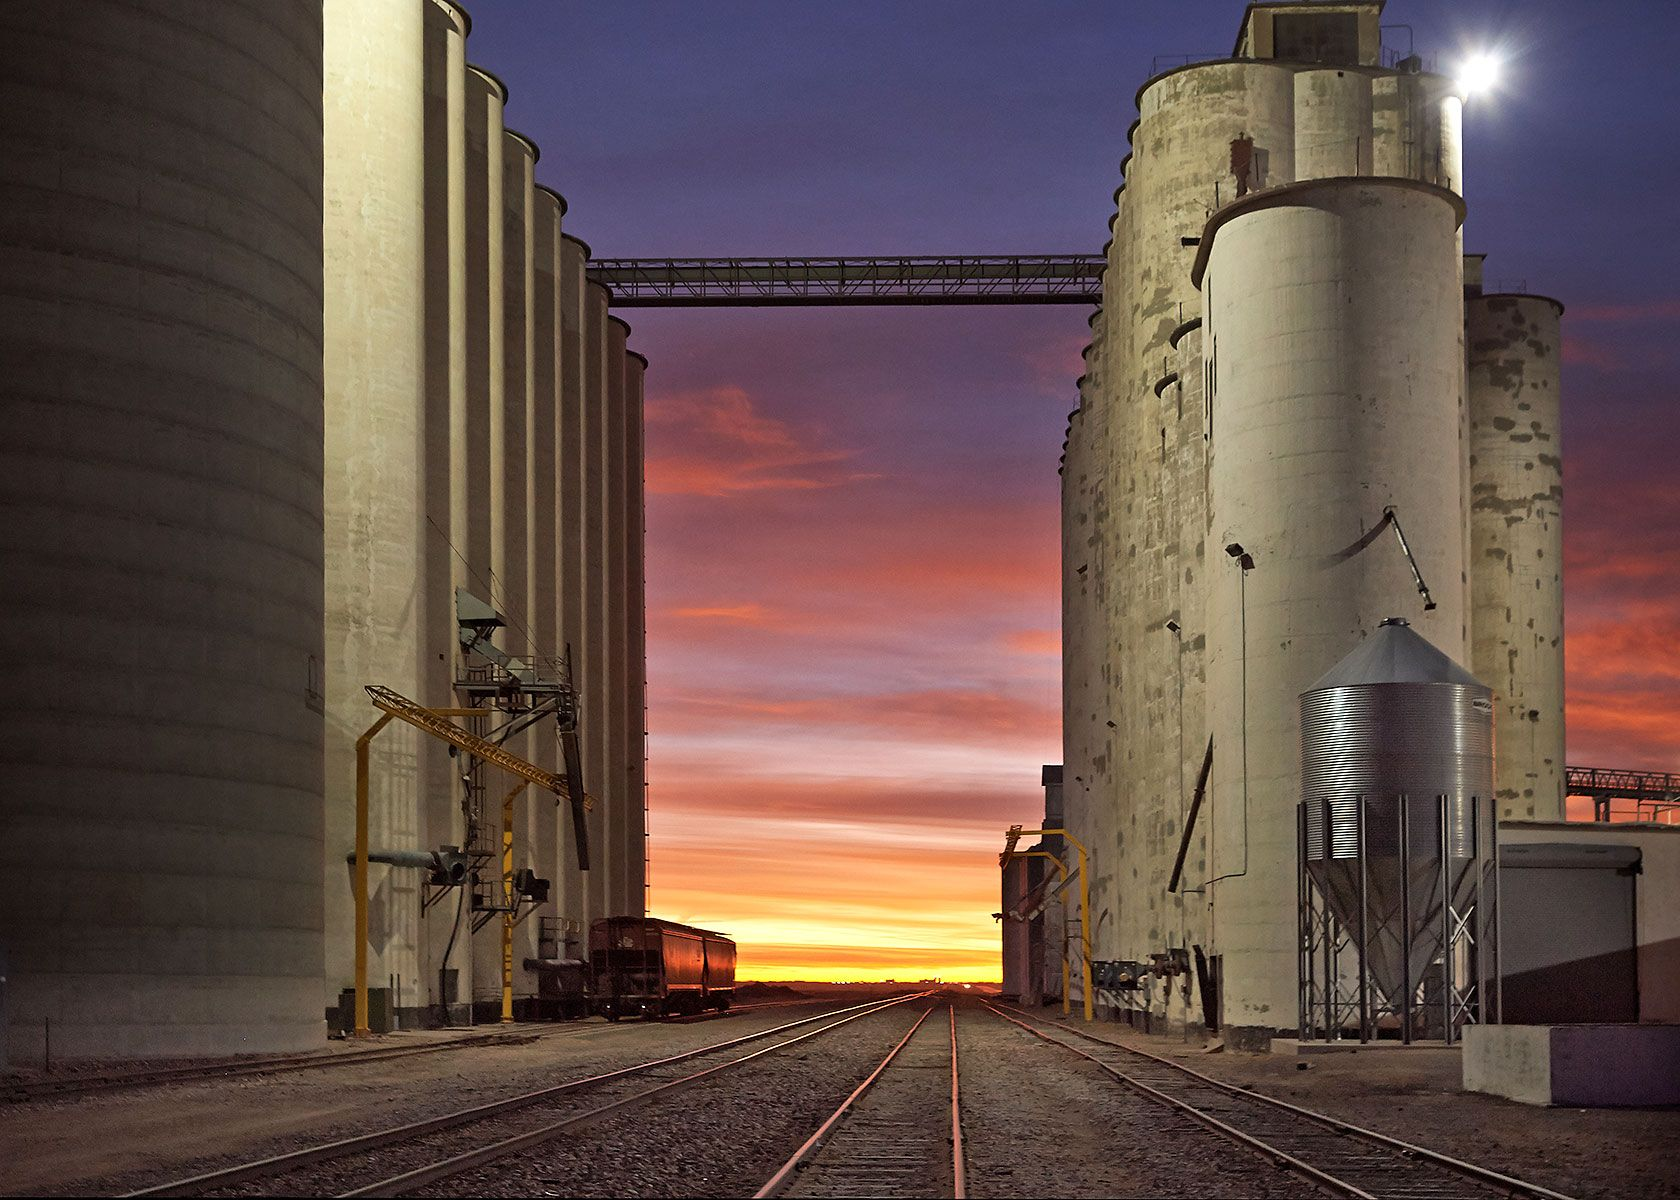 Paoli, Colorado, Co-op, grain elevators, dawn, color, farmers co-op, plains,